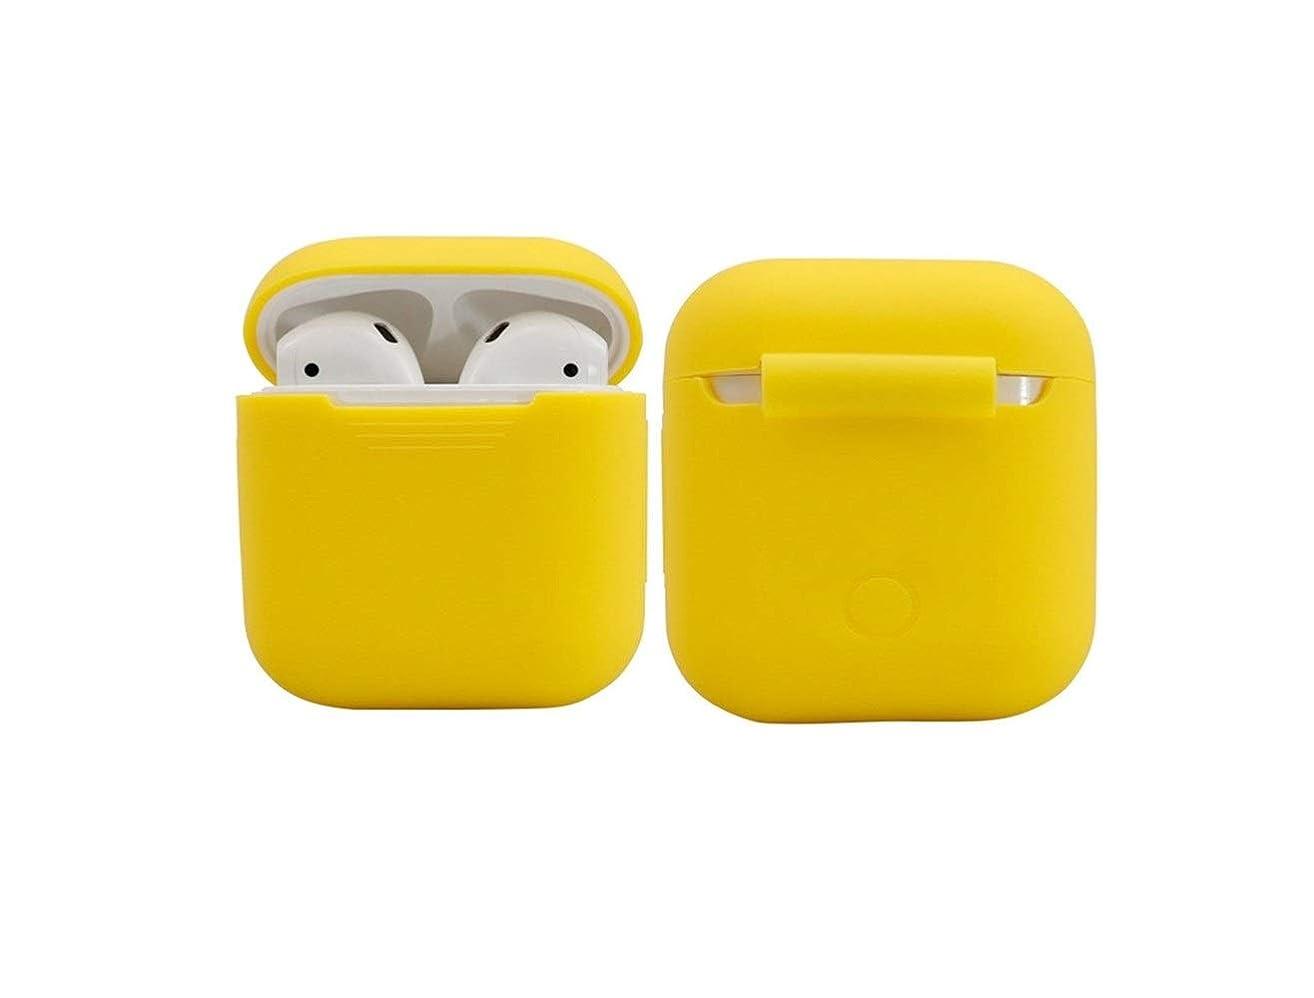 従者バルーンくそーSHENGSHIHUIZHONG 対応Airpodsカバー、ワイヤレスBluetoothヘッドセット充電ボックス、シリコン保護カバー、紛失防止収納ボックス (Color : Yellow)